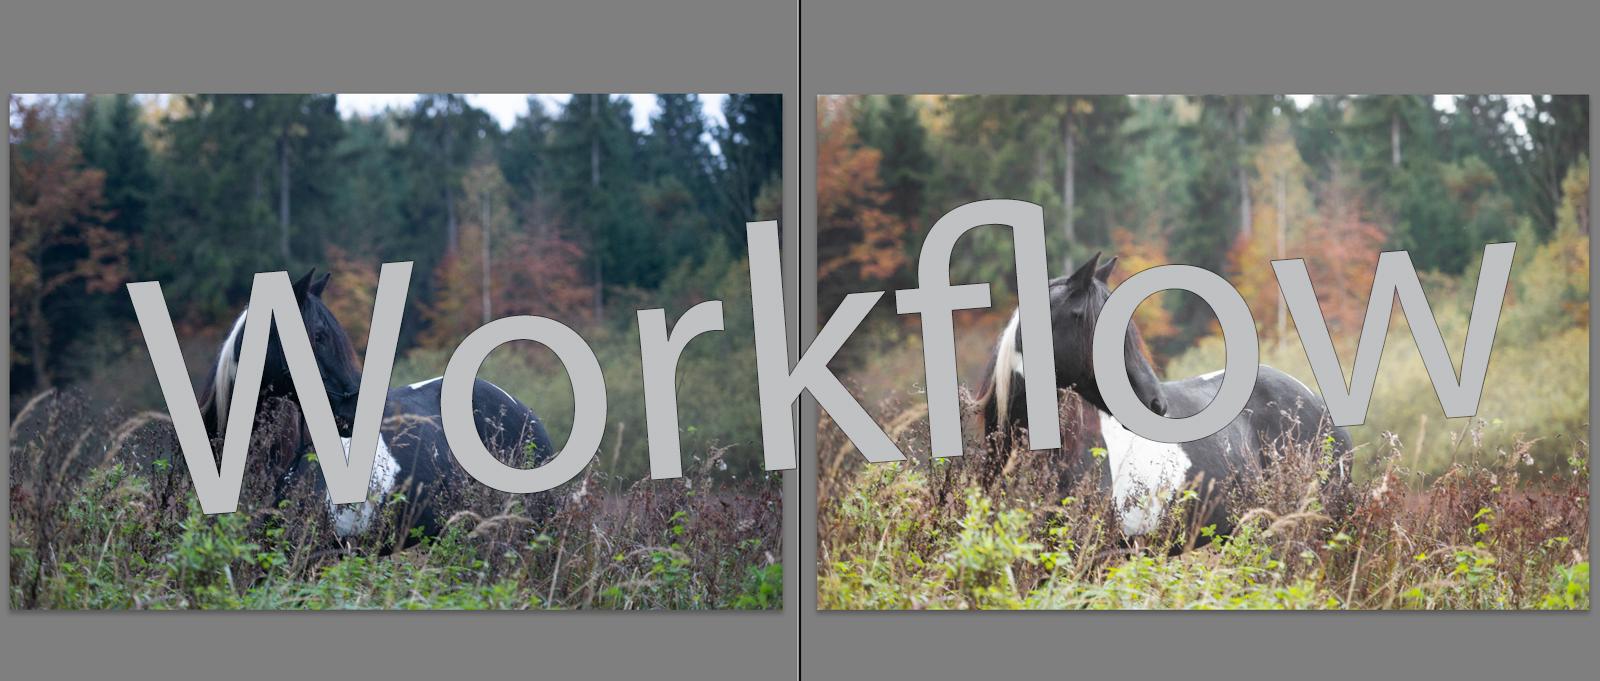 Workflow Pferdefotografie | Tinkerstute Rosy | Sarah Koutnik Fotografie | München Krailling Bayern | Titelbild Workflow